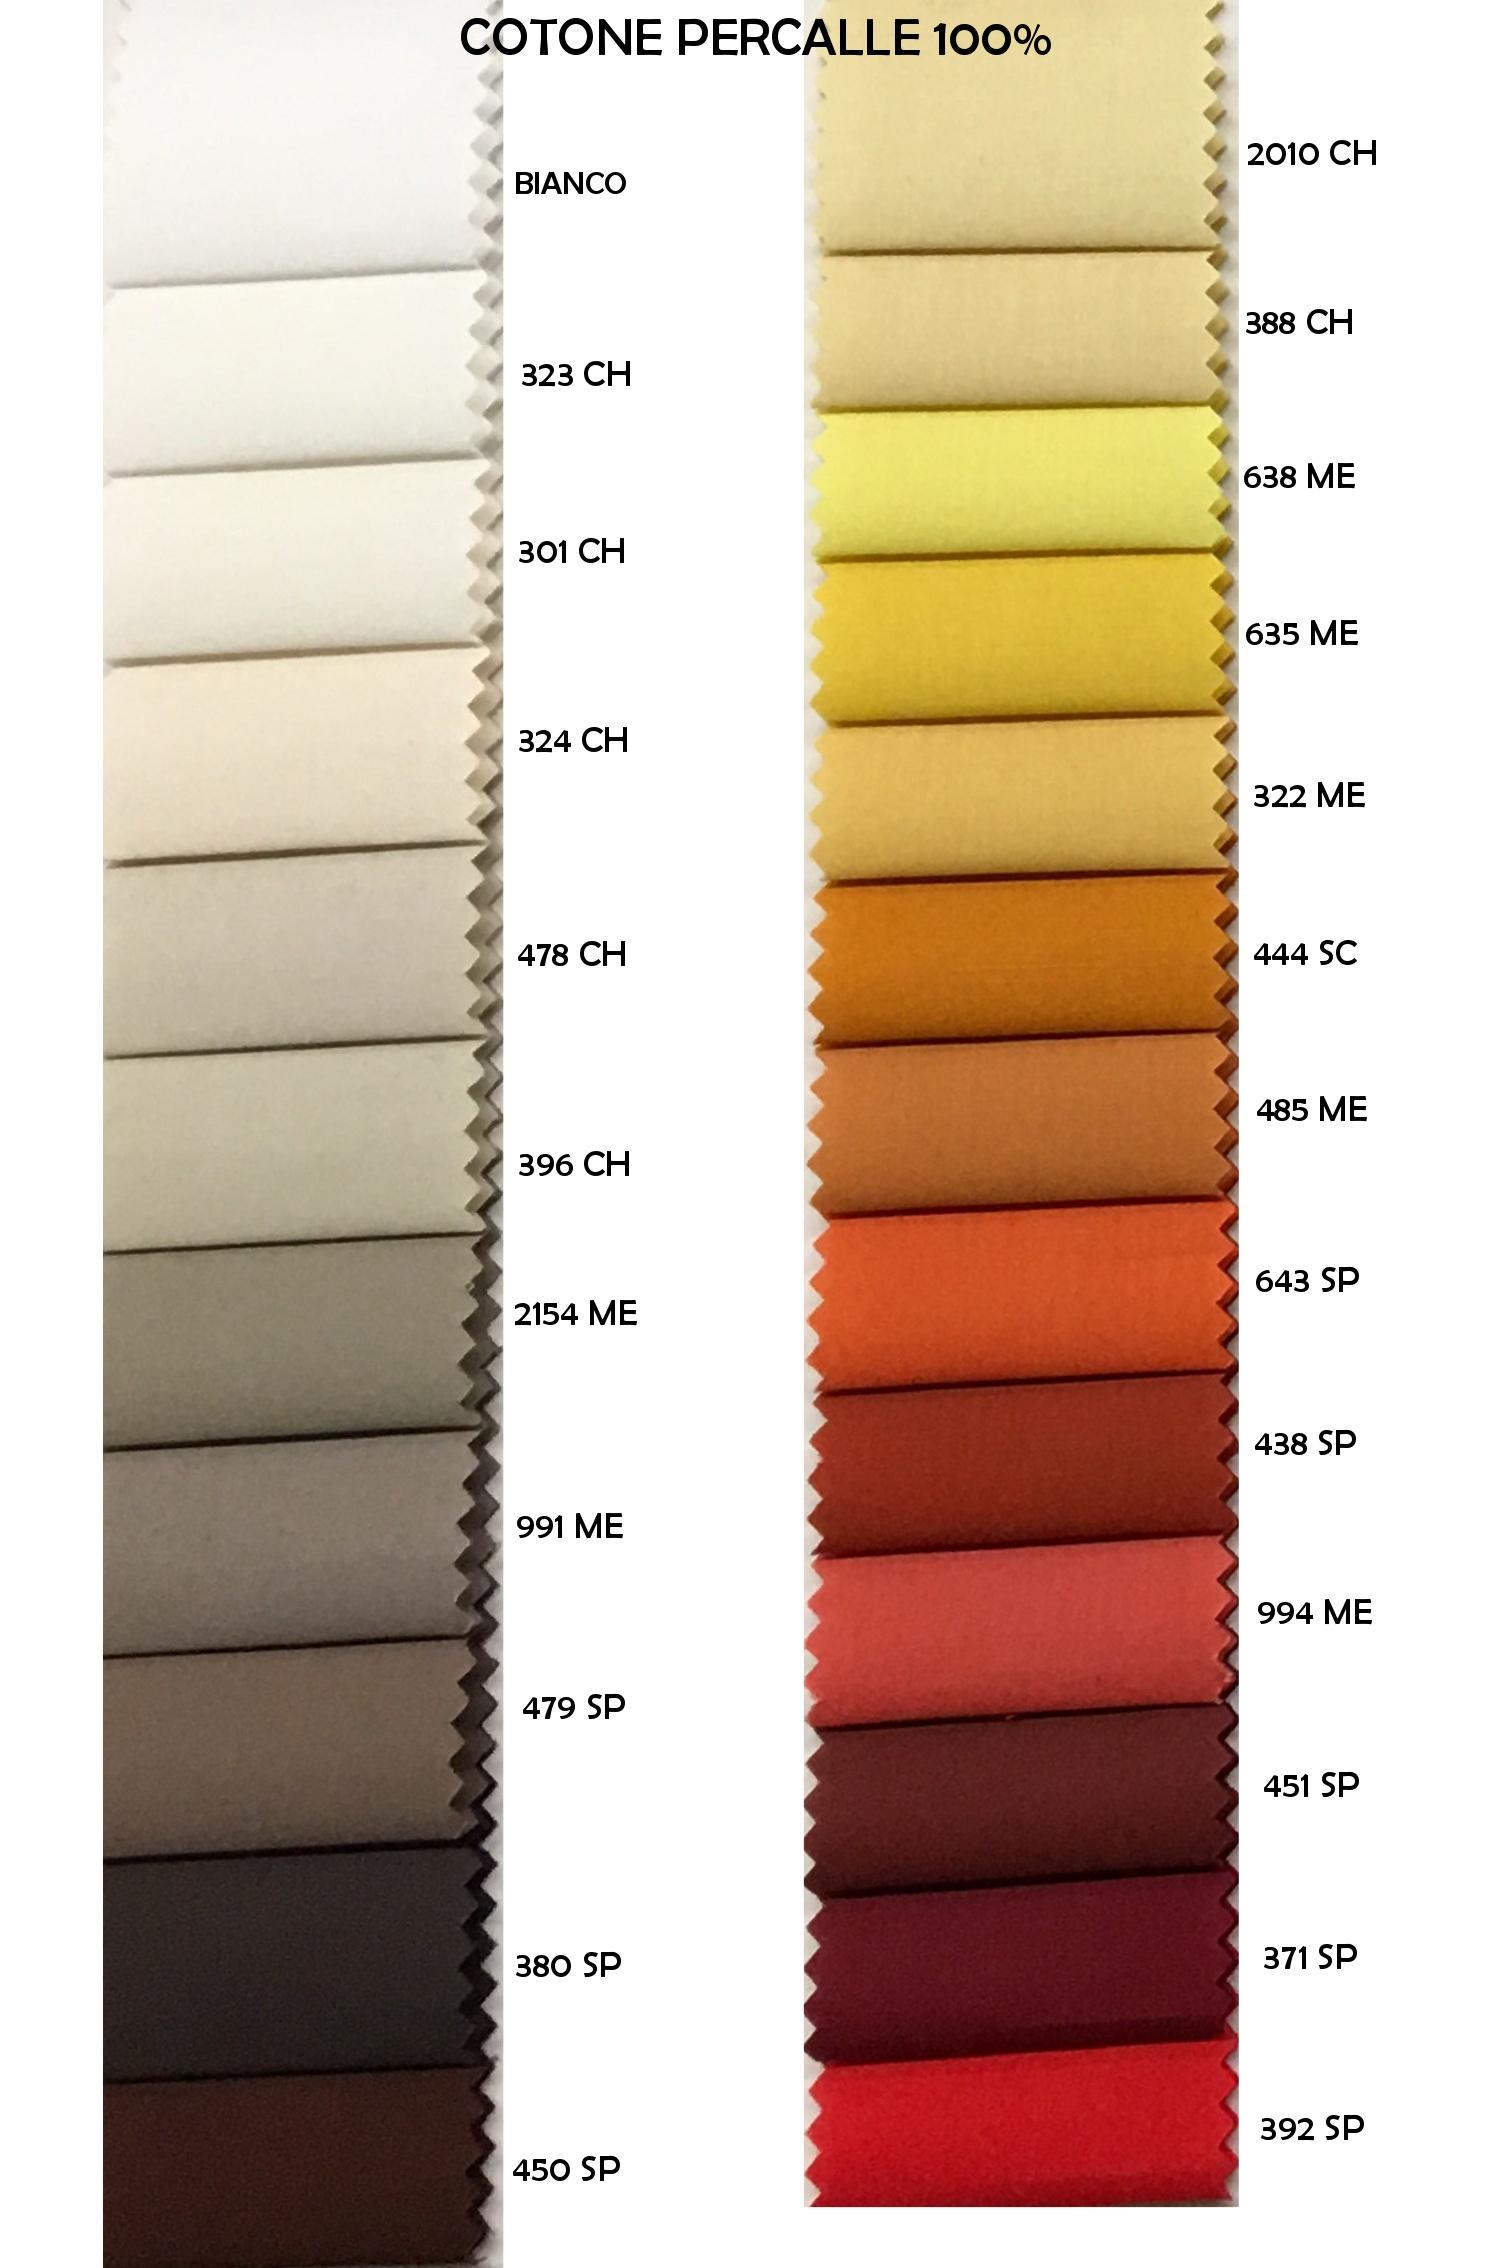 Colori cotone percalle 100% (1)